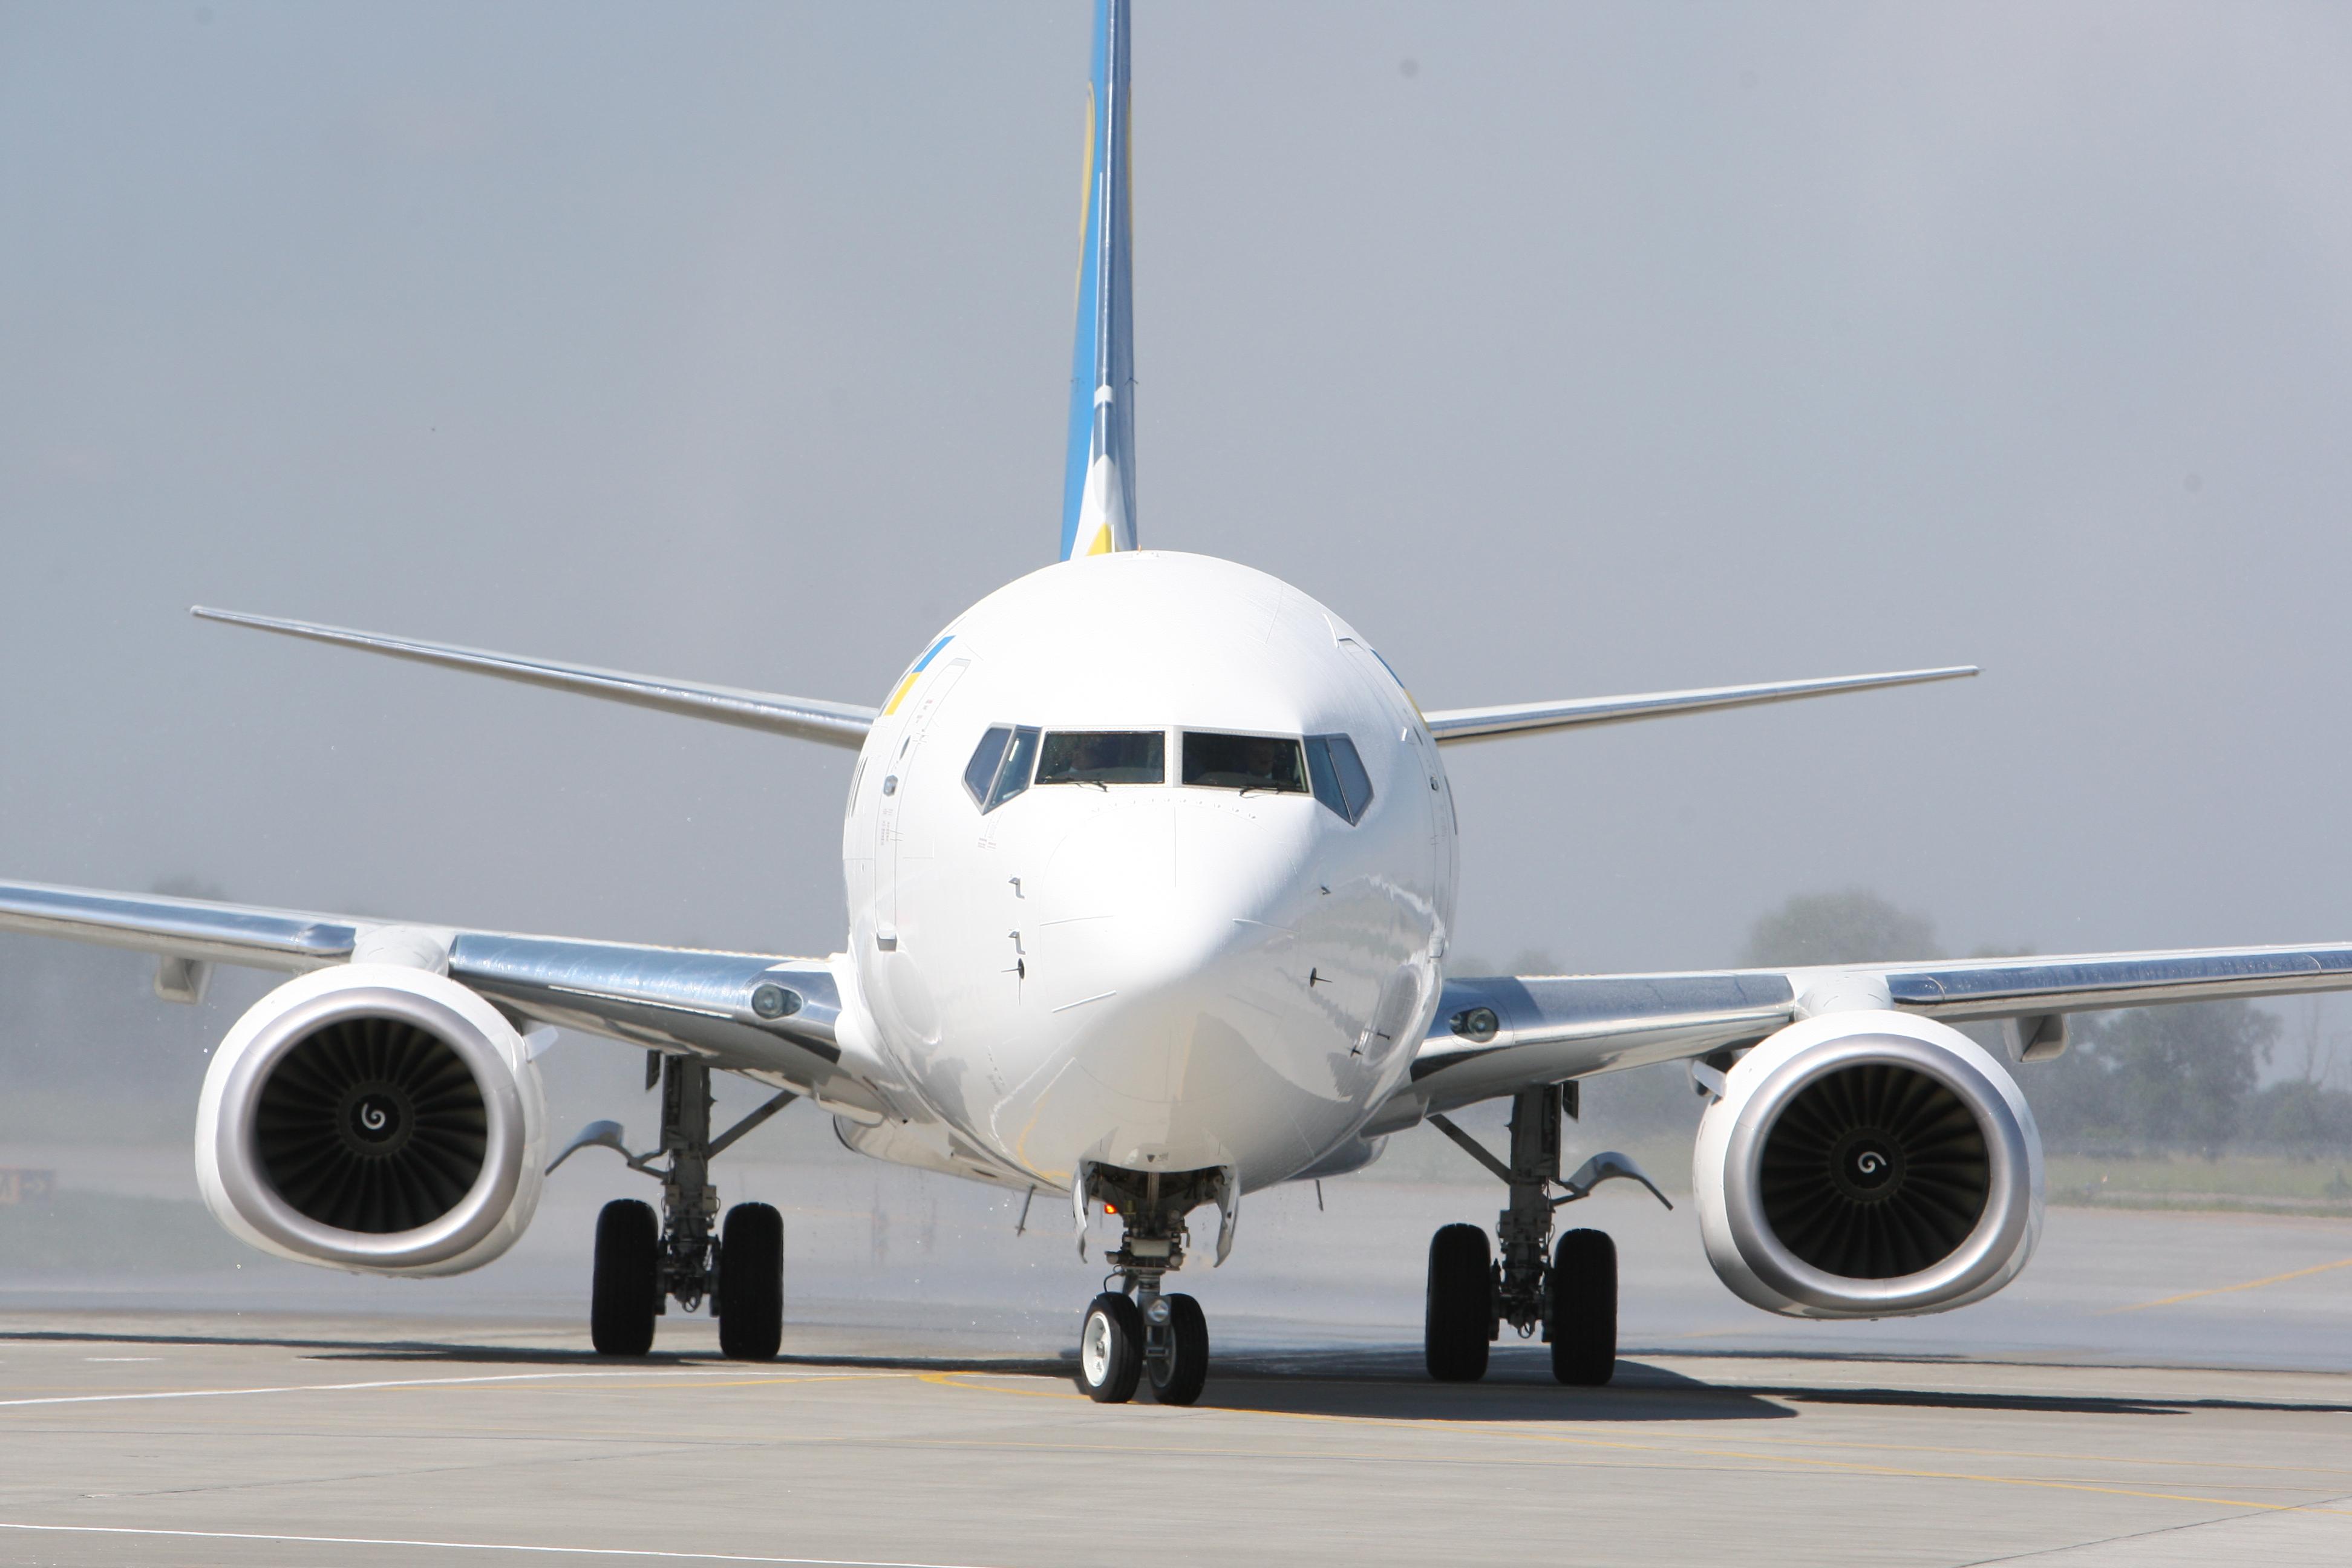 Украинские аэропорты увеличили пассажиропотоки на 17,8%